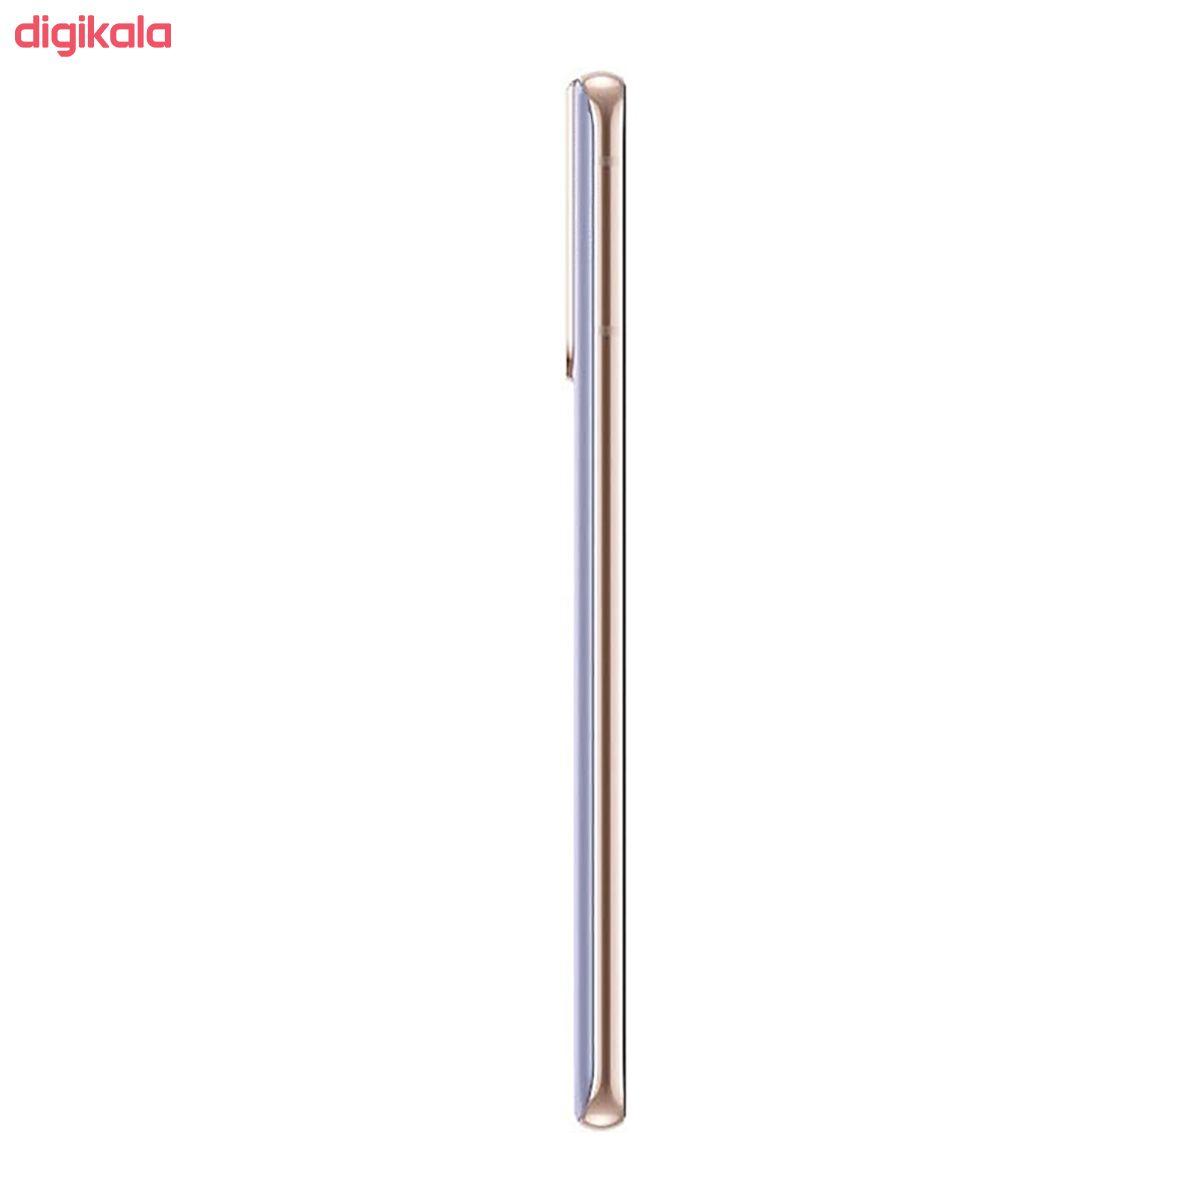 گوشی موبایل سامسونگ مدل Galaxy S21 Plus 5G SM-G996B/DS دو سیم کارت ظرفیت 256 گیگابایت و رم 8 گیگابایت main 1 4